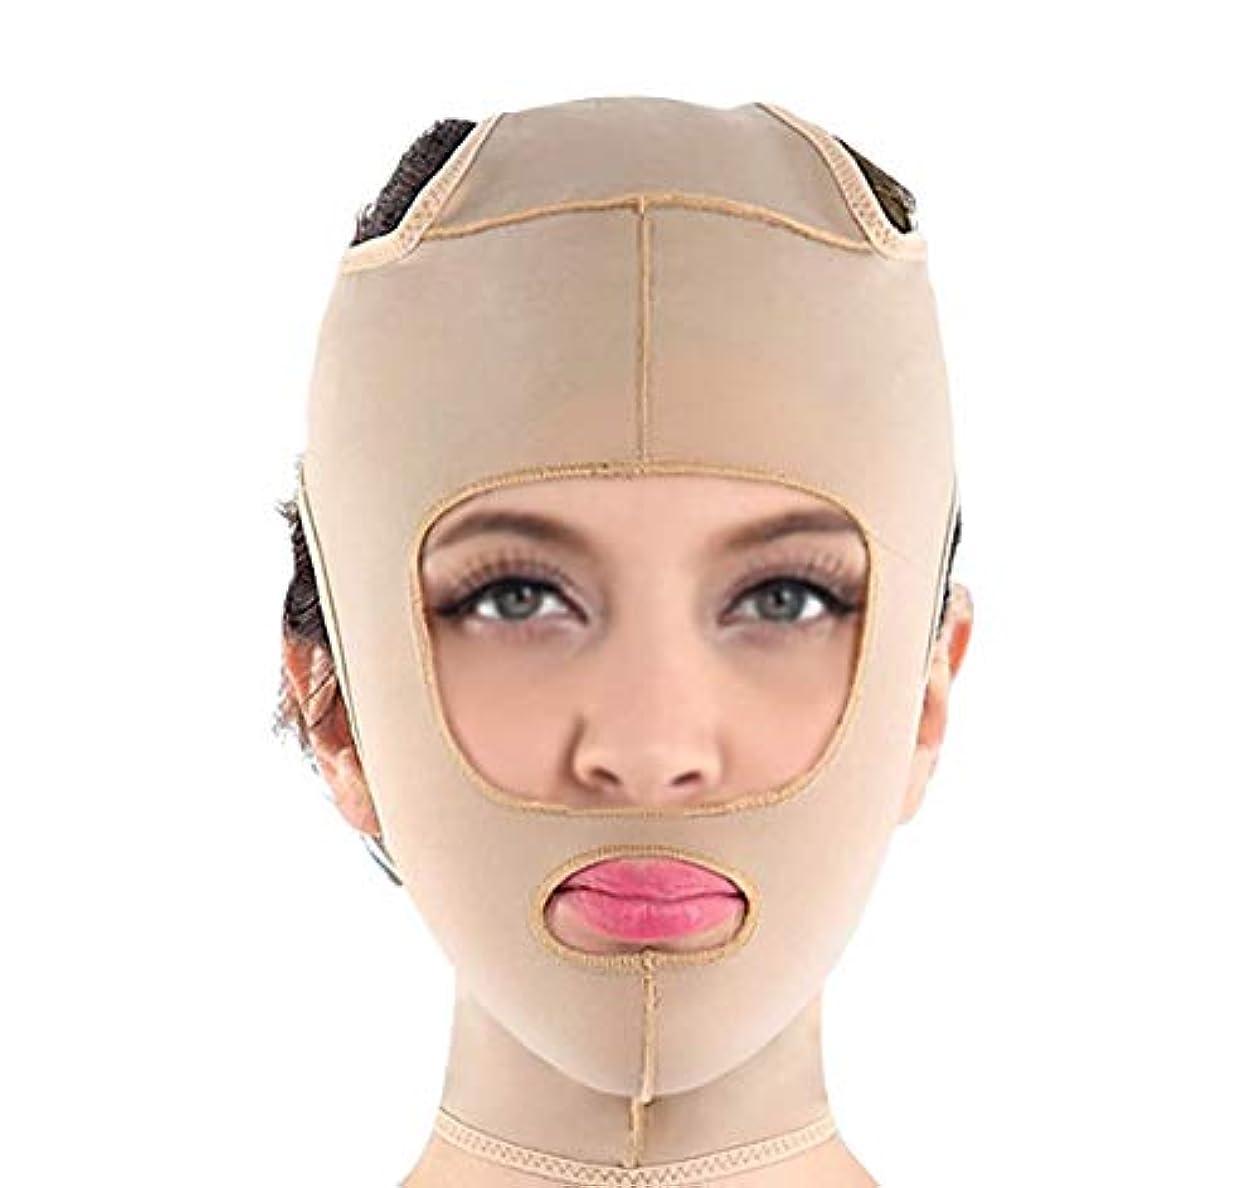 アレルギー性論理的に飛行場包帯vフェイス楽器フェイスマスクマジックフェイスフェイシャルフェイシャルフェイシャルマッサージフェイシャルリンクルリフティング引き締めビニールマスク(サイズ:L),Xl